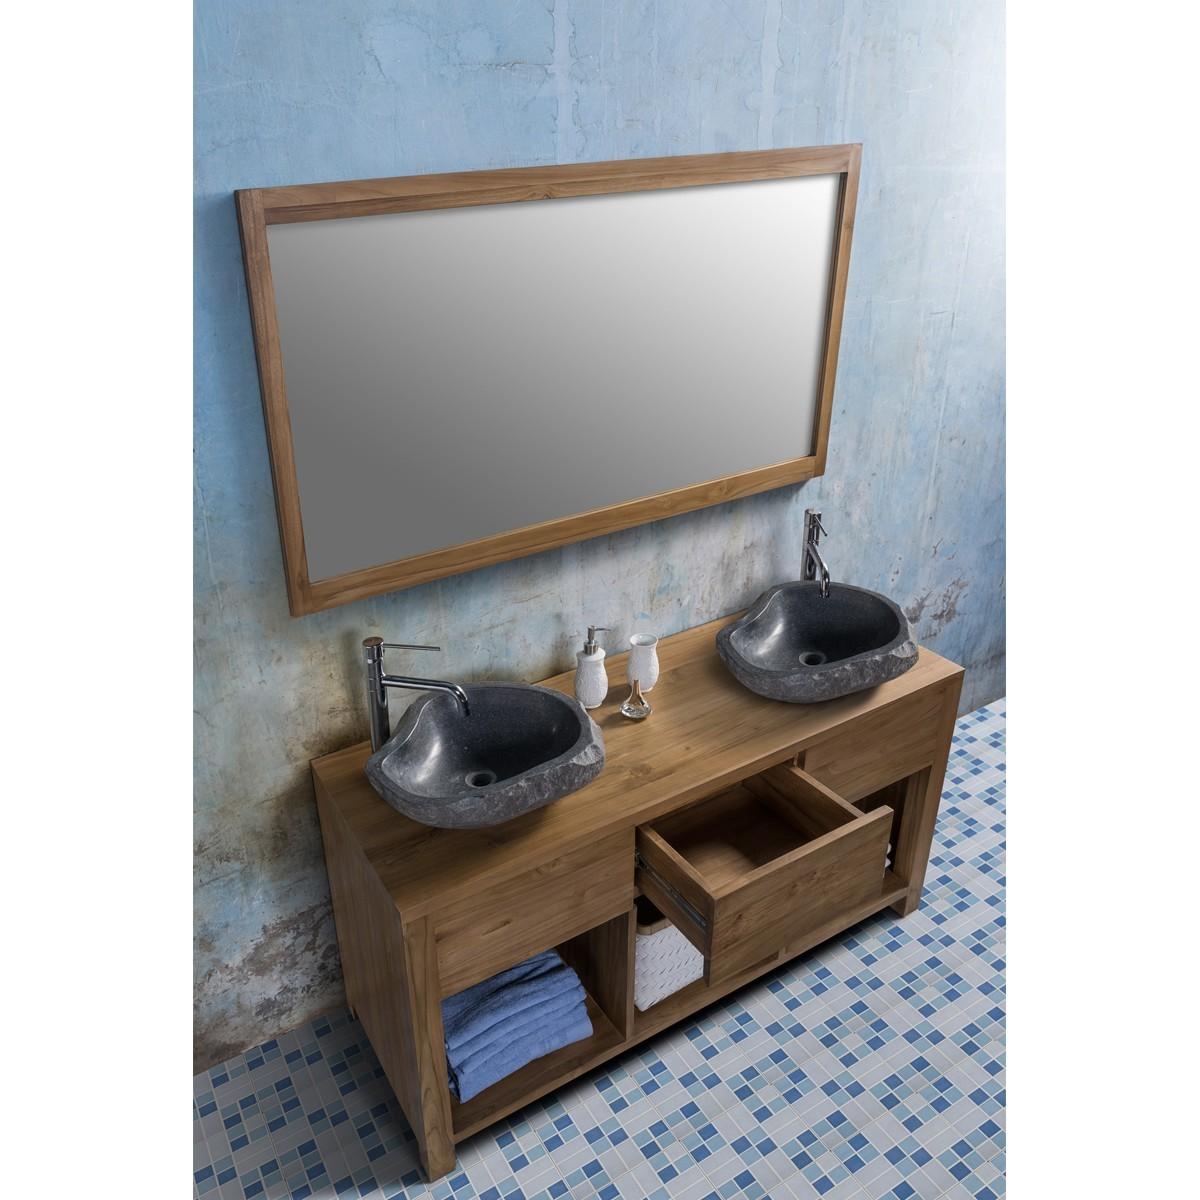 Ensemble de salle de bain en bois de teck 145 2 vasques miroir bois dessus bois dessous - Ensemble salle de bain bois ...